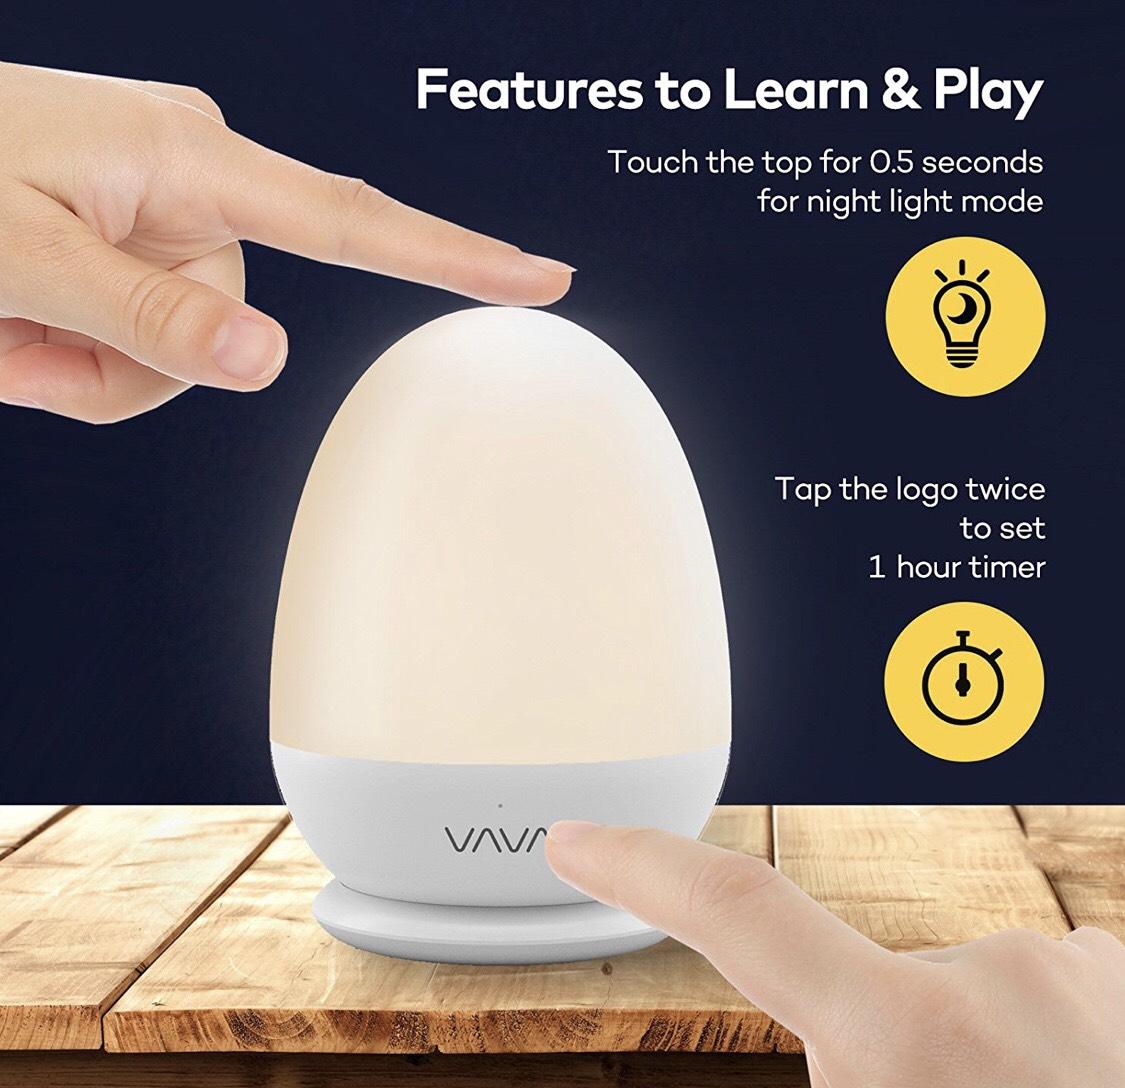 amazon blitzangebot nachtlicht kind vava kinder baby nachttischlampe led. Black Bedroom Furniture Sets. Home Design Ideas